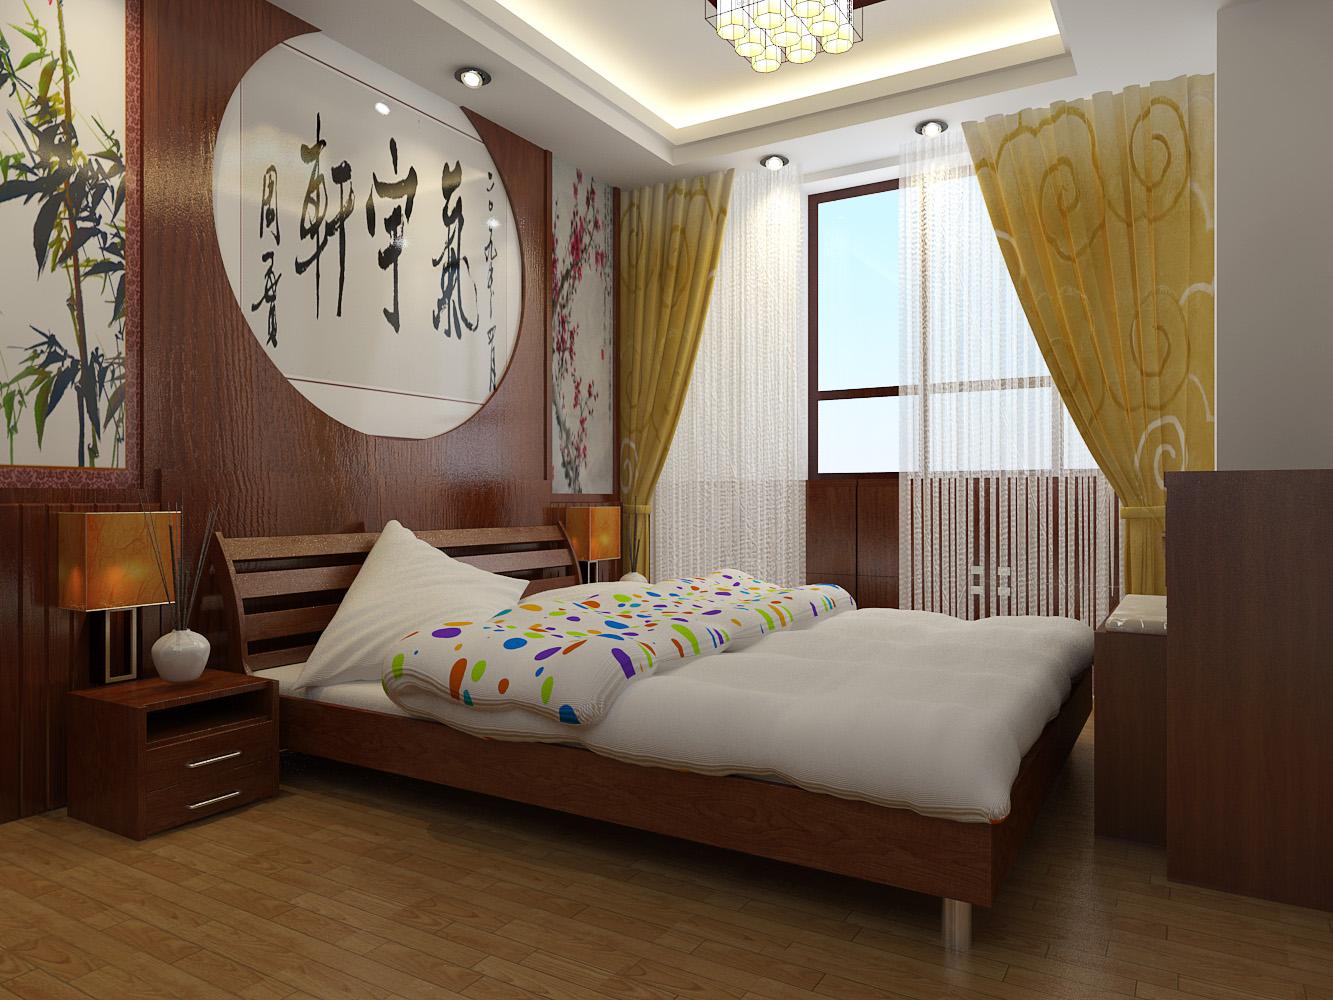 二居 餐厅 卧室图片来自青岛豪迈装饰有限责任公司在普吉新区中式效果图的分享